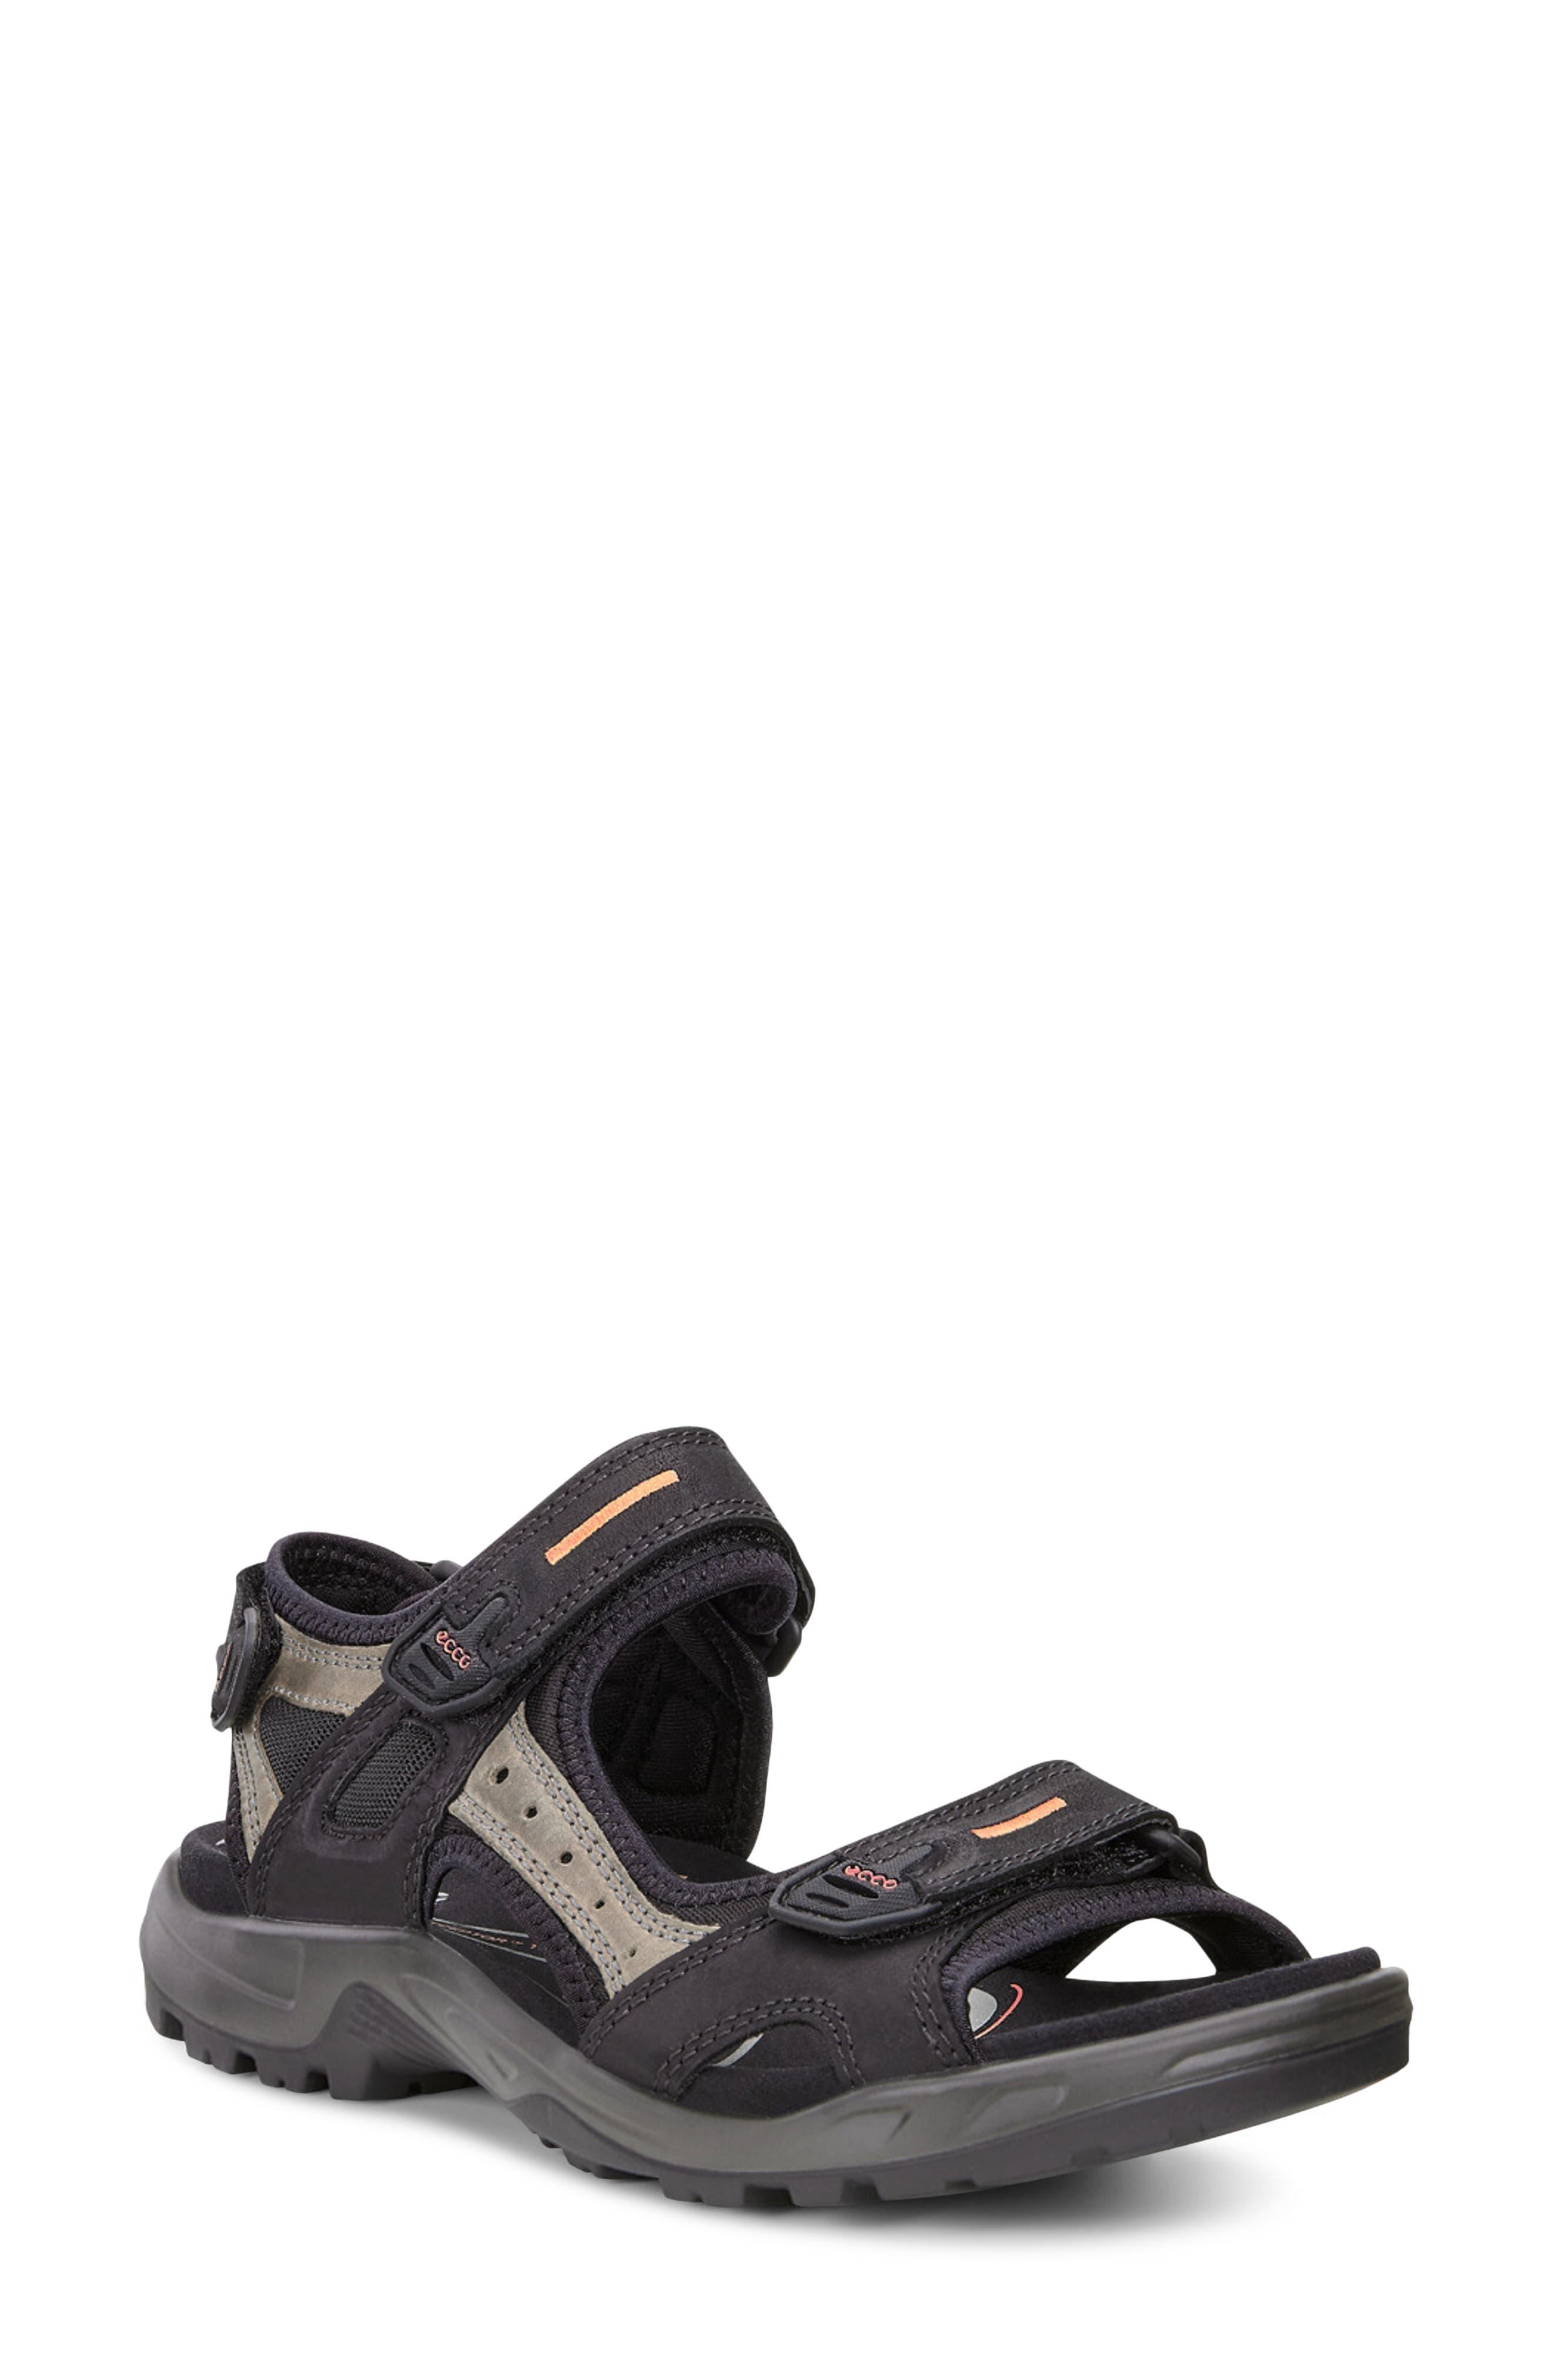 Men's Ecco 'Yucatan' Sandal